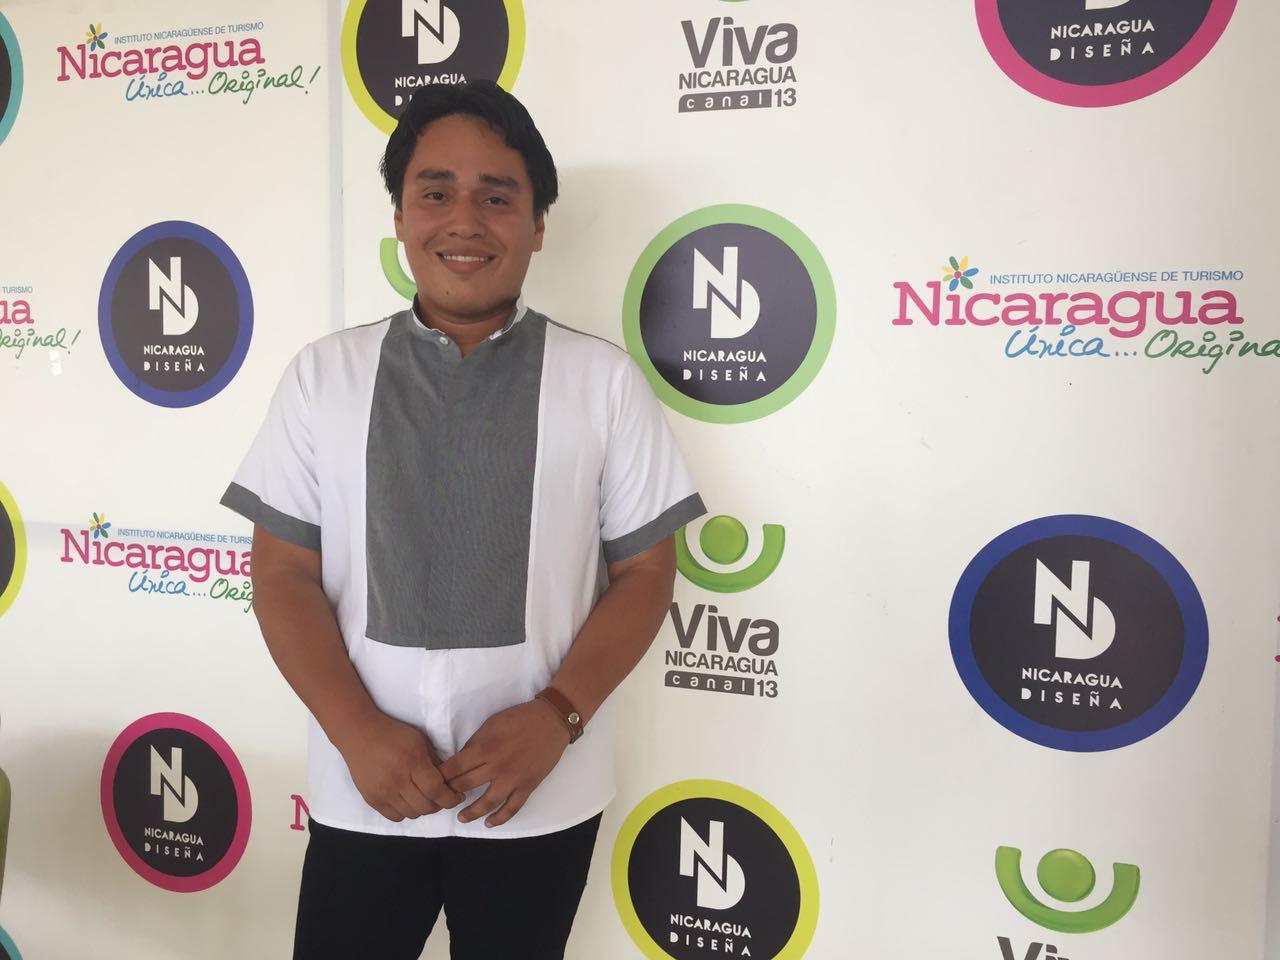 El diseñador nicaragüense Álvaro Maradiaga